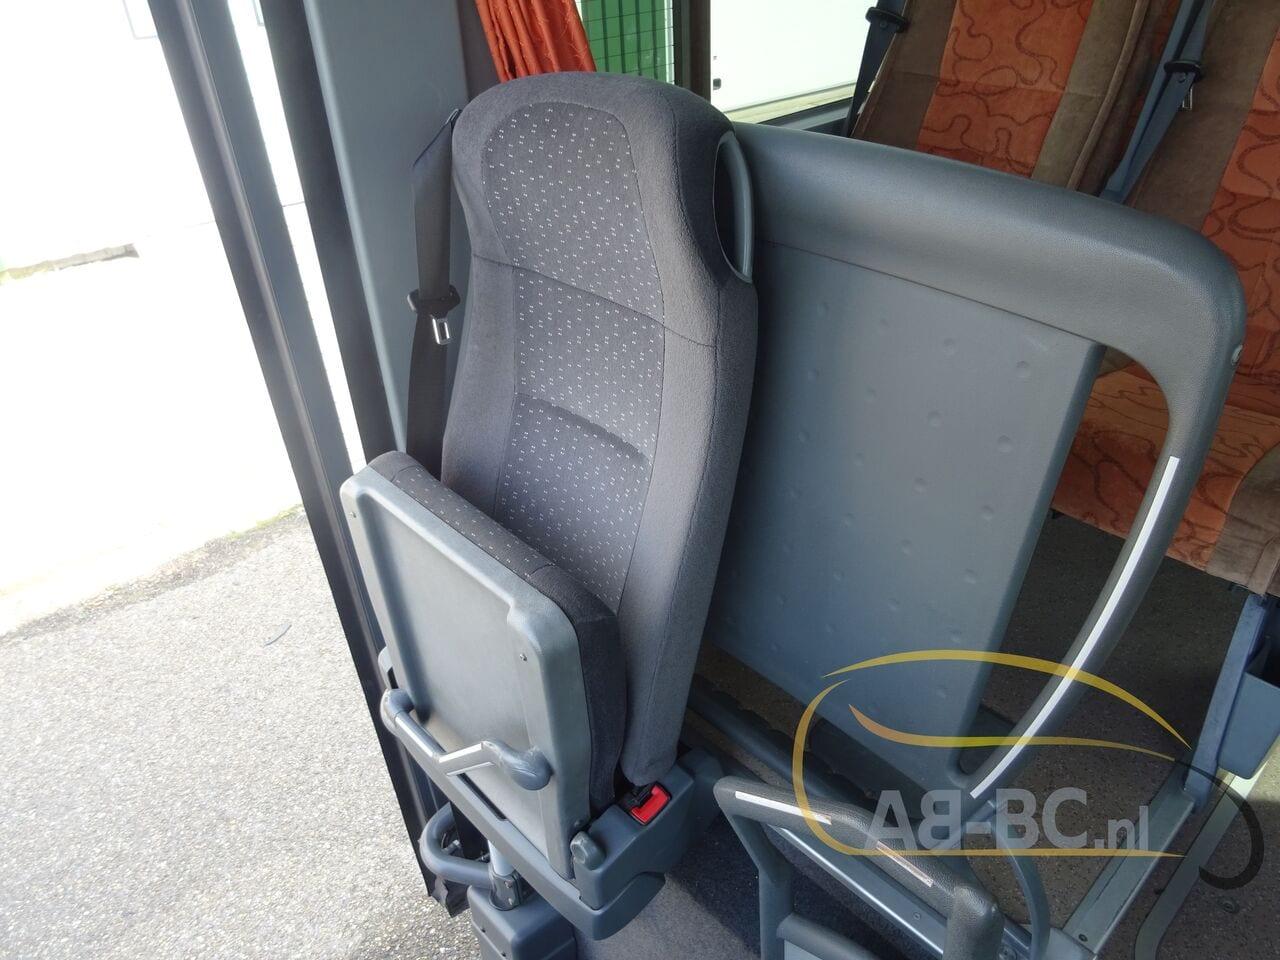 coach-busSETRA-S416H-48-SEATS-LIFTBUS---1620310016225123751_big_82fbc953793900cc17647ecc1fe2195c--21050616581387095000